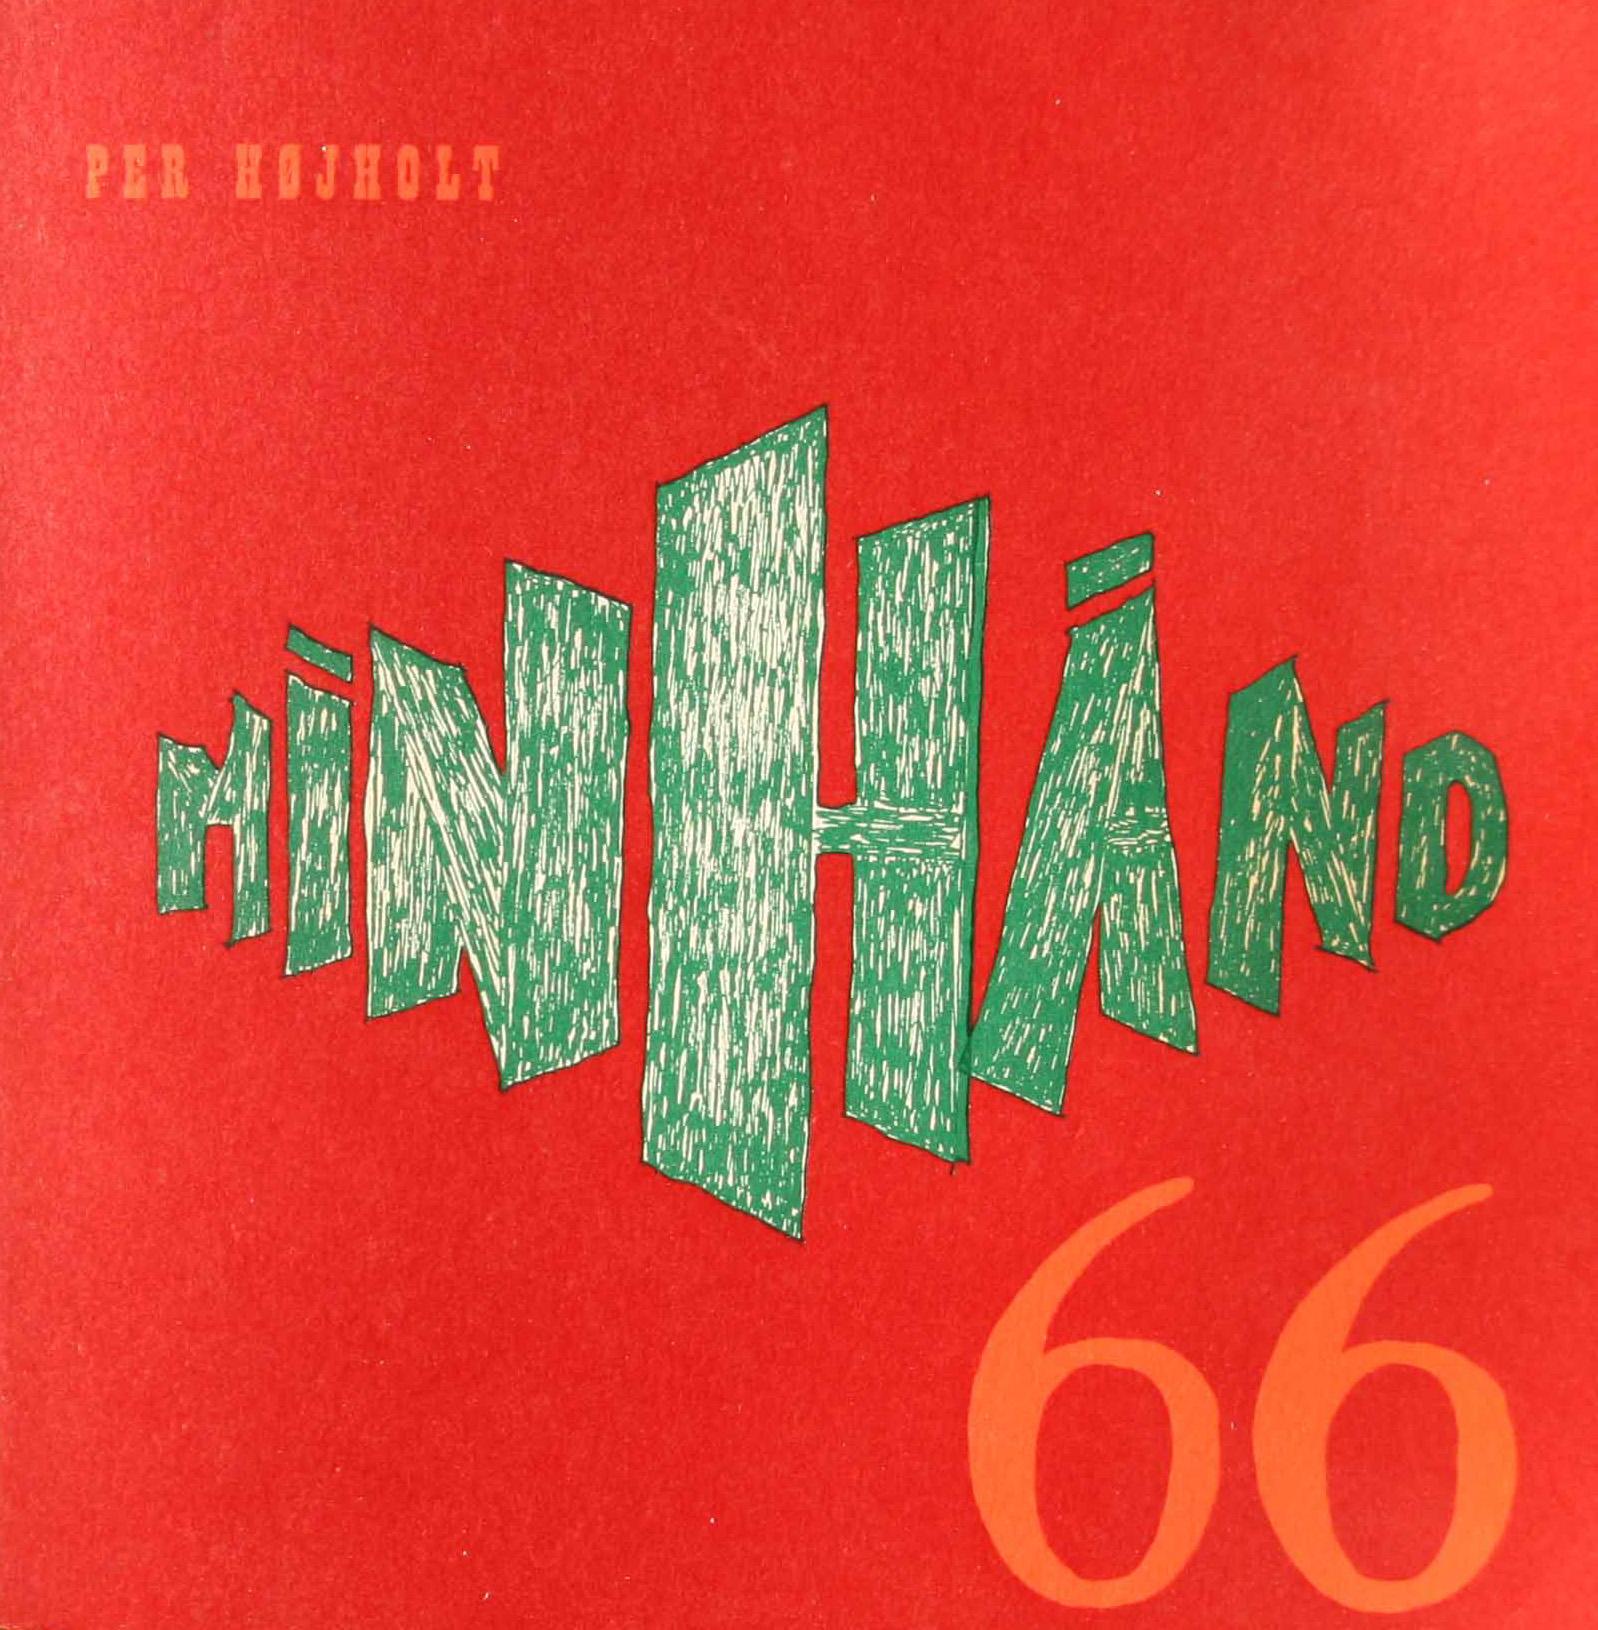 per højholt min hånd 66 digte vinyl første udgave